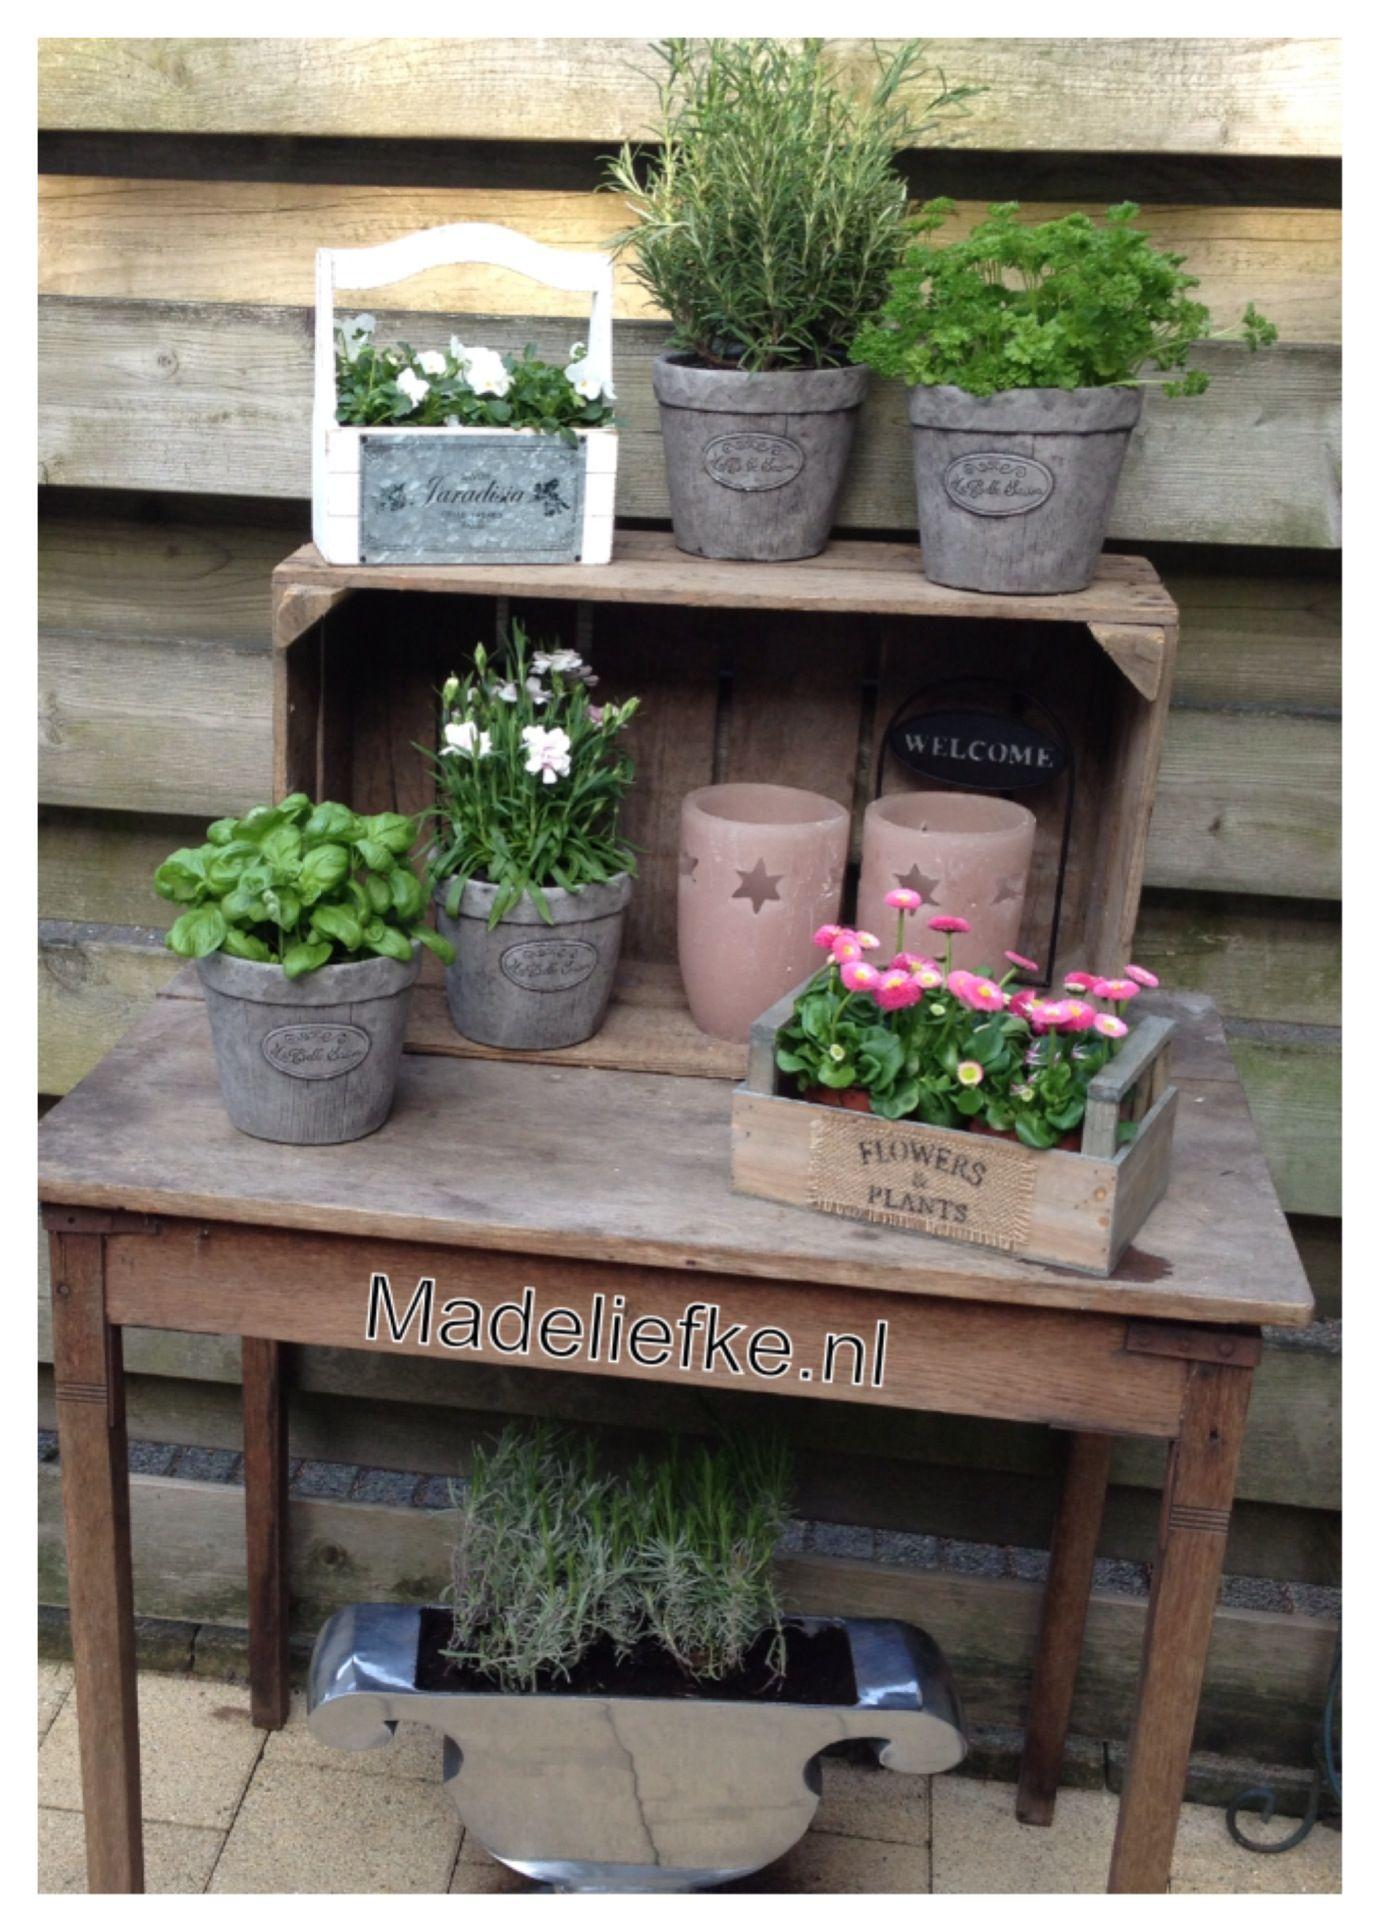 Oud tafeltje veilingkist potjes kruiden en bloemen for Huis gezellig maken